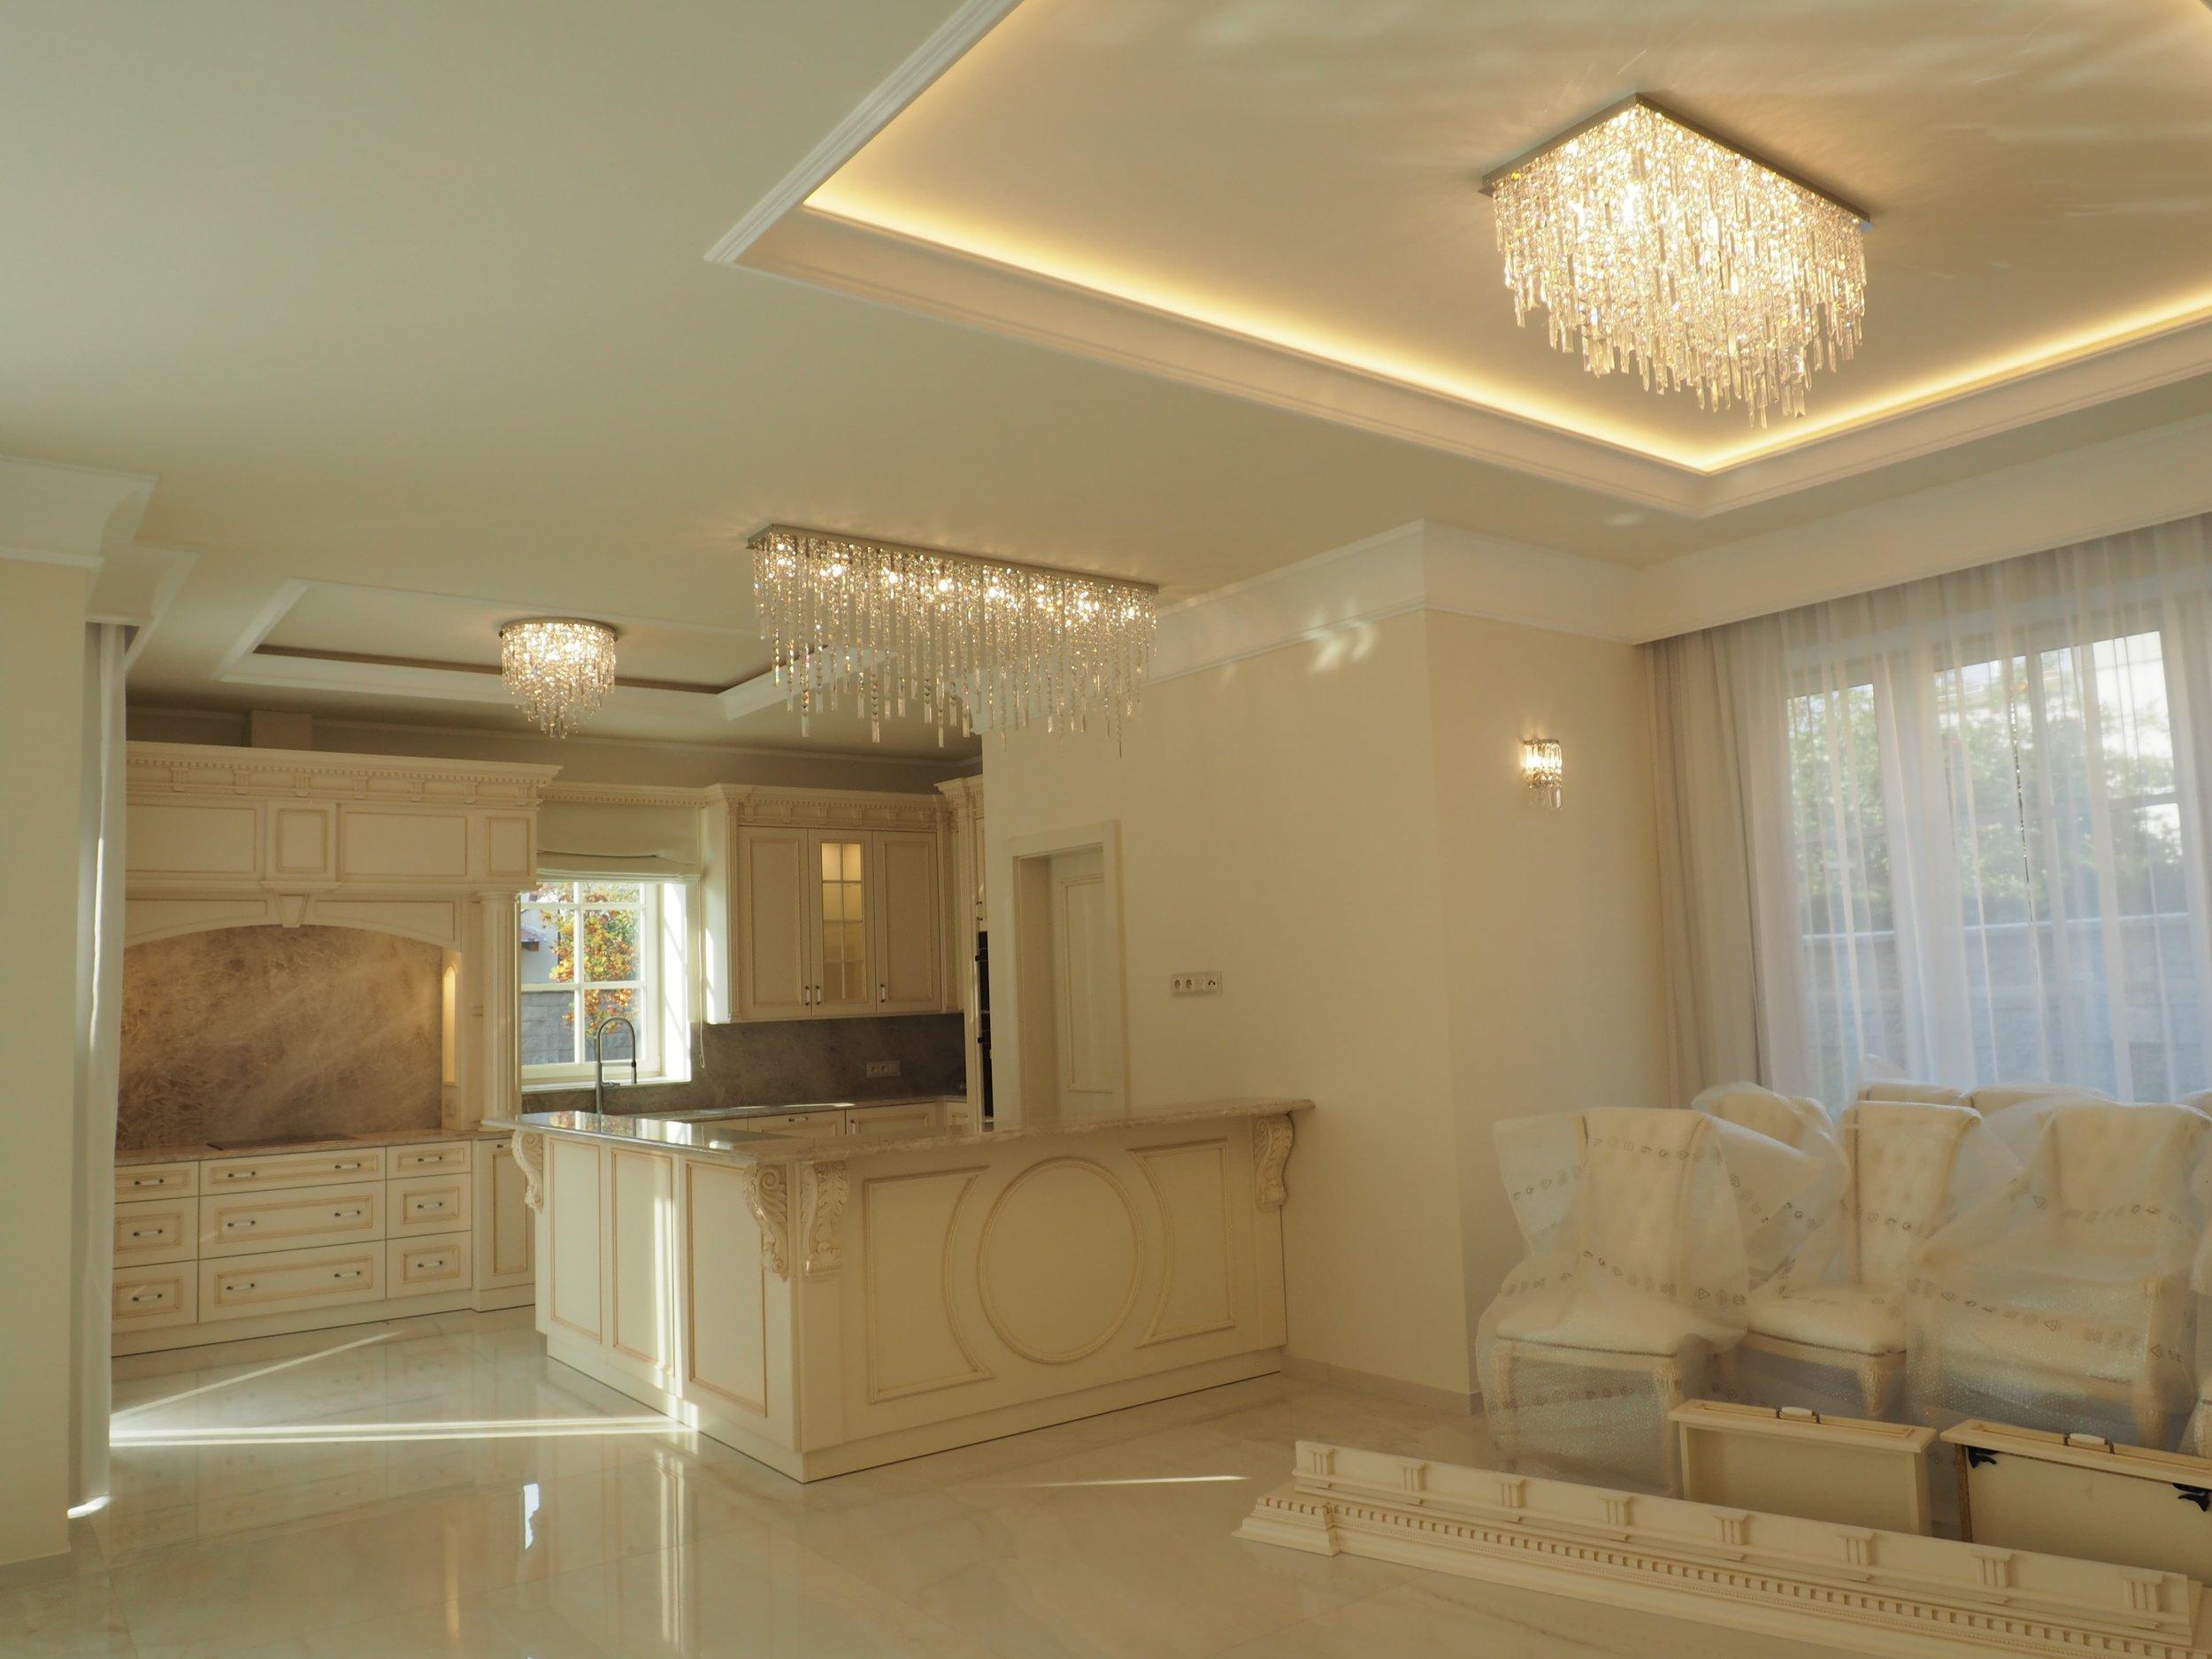 JWZ 315 - modern chandelier in interior b(13)-min.JPG